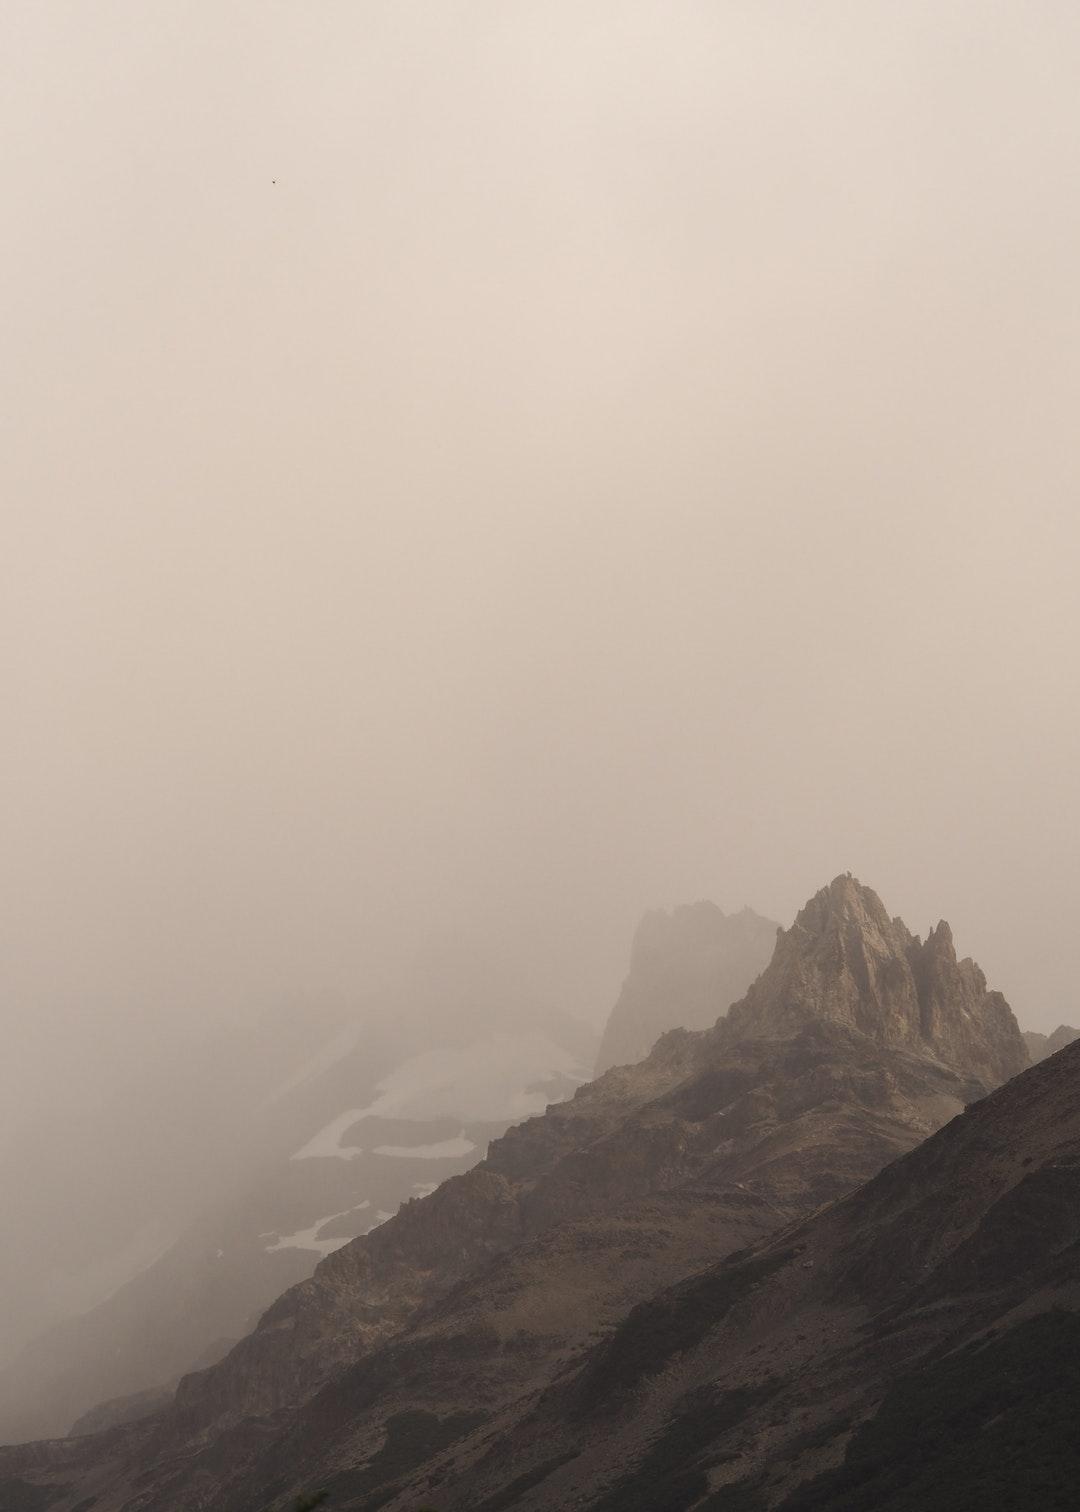 جبل منخفض مع خلفية بنية و ضباب كثيف - خلفيات ايفون X